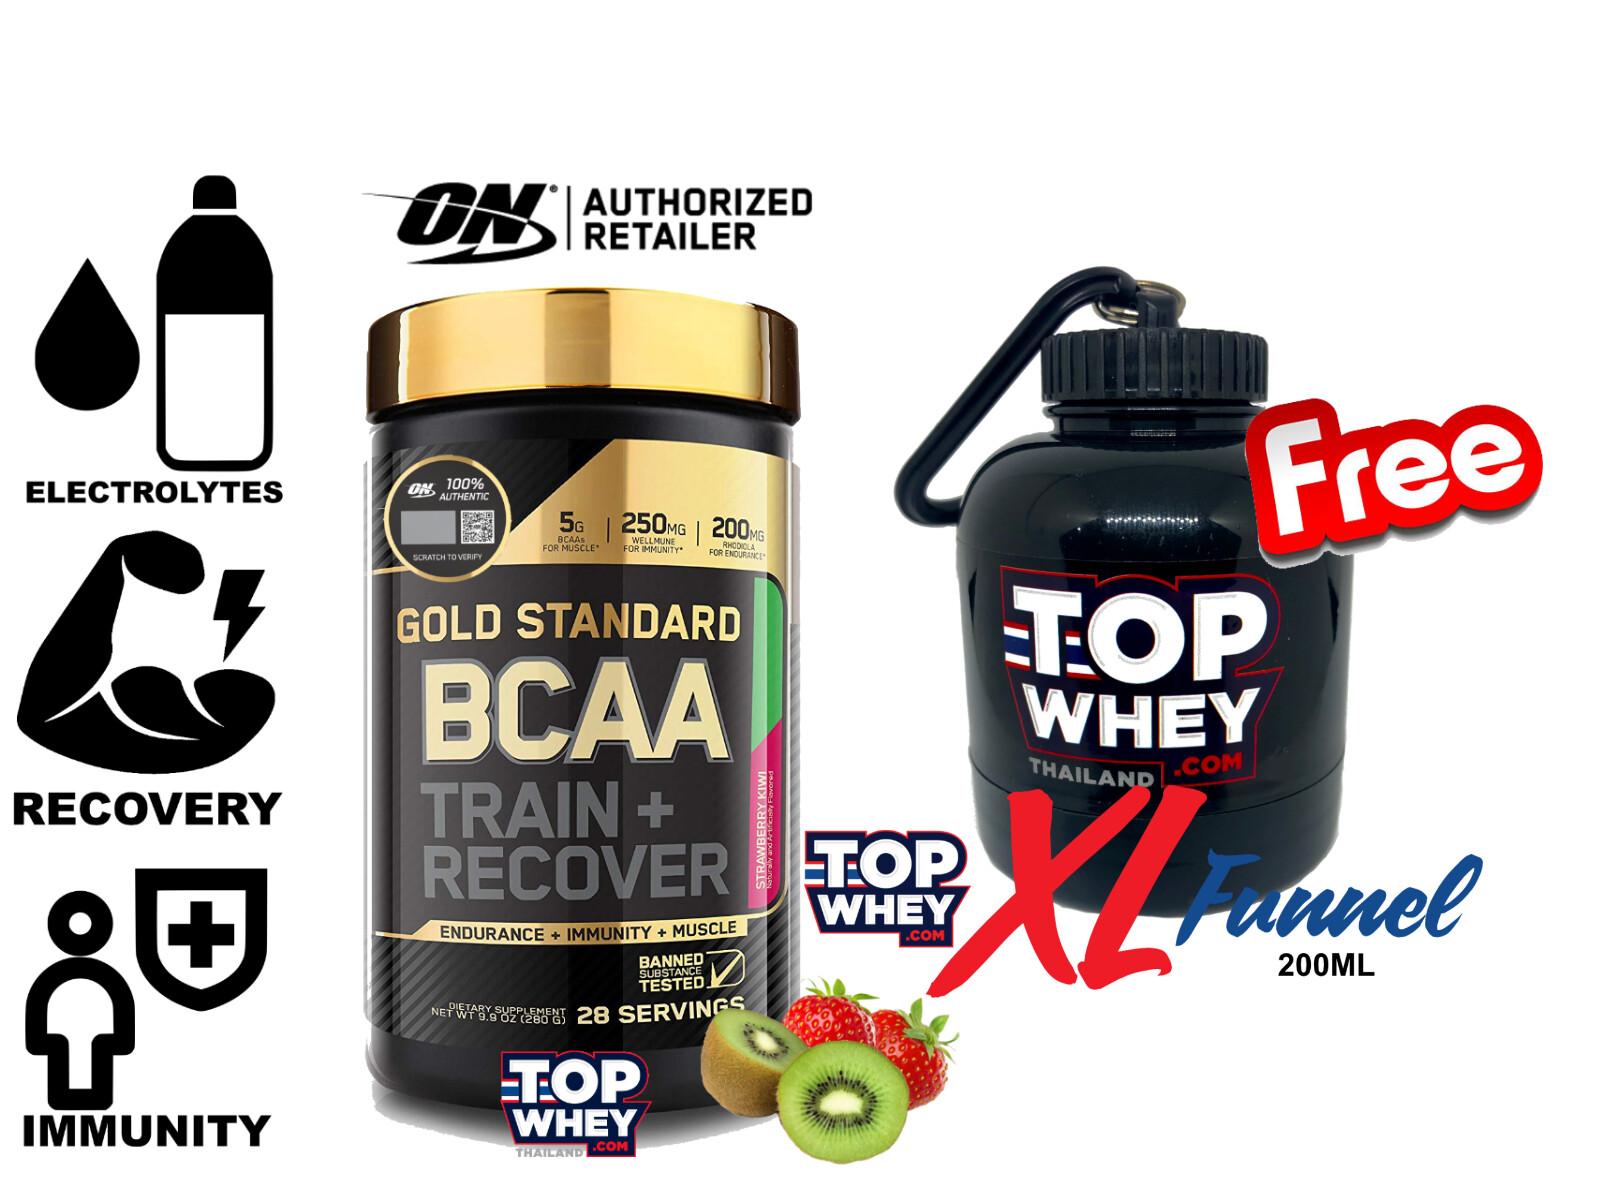 28 Servings Optimum Nutrition Gold Standard BCAA - Strawberry Kiwi – บีซีเอเอ ซ่อมแซมกล้ามเนื้อ เพิ่มประสิทธิภาพในการออกกำลังกาย ร่างกายนำไปใช้ได้ง่าย ผสมกับน้ำหรือเครื่องดื่ม ก่อน-หลังออกกำลังกาย